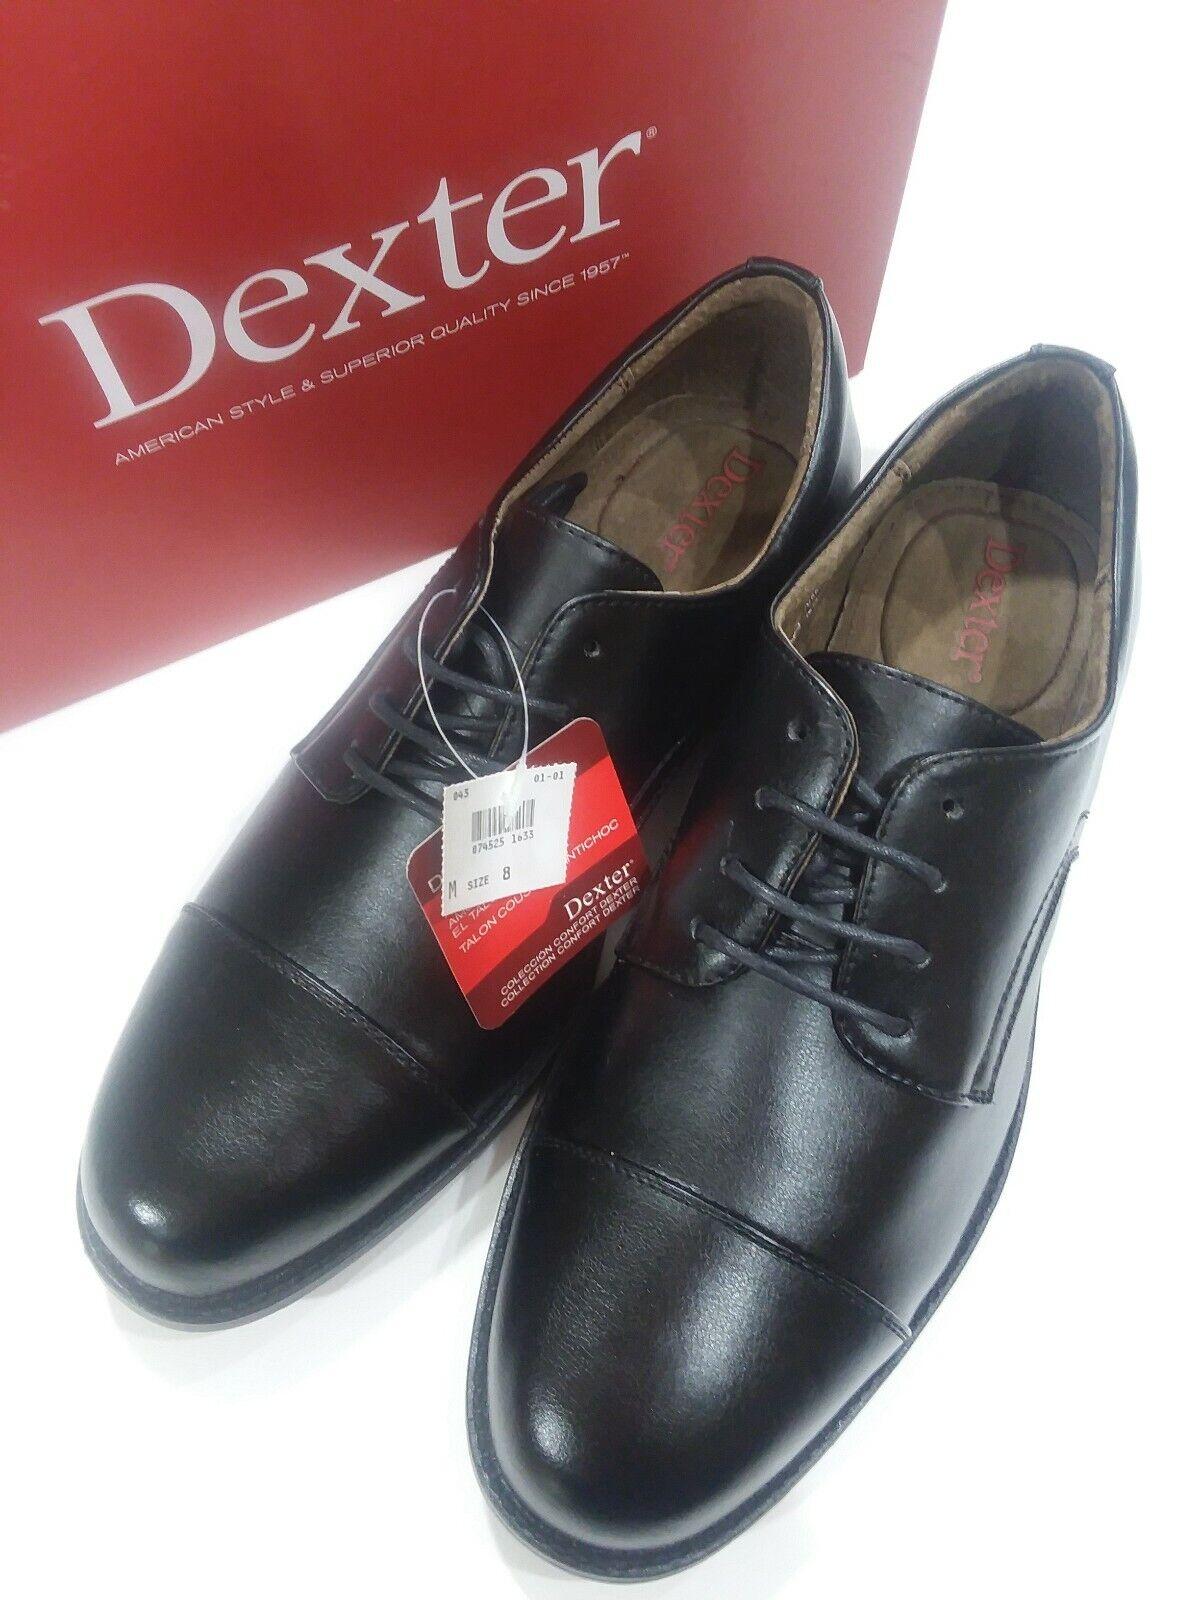 Dexter Mens Black Leather Oxfords Cap